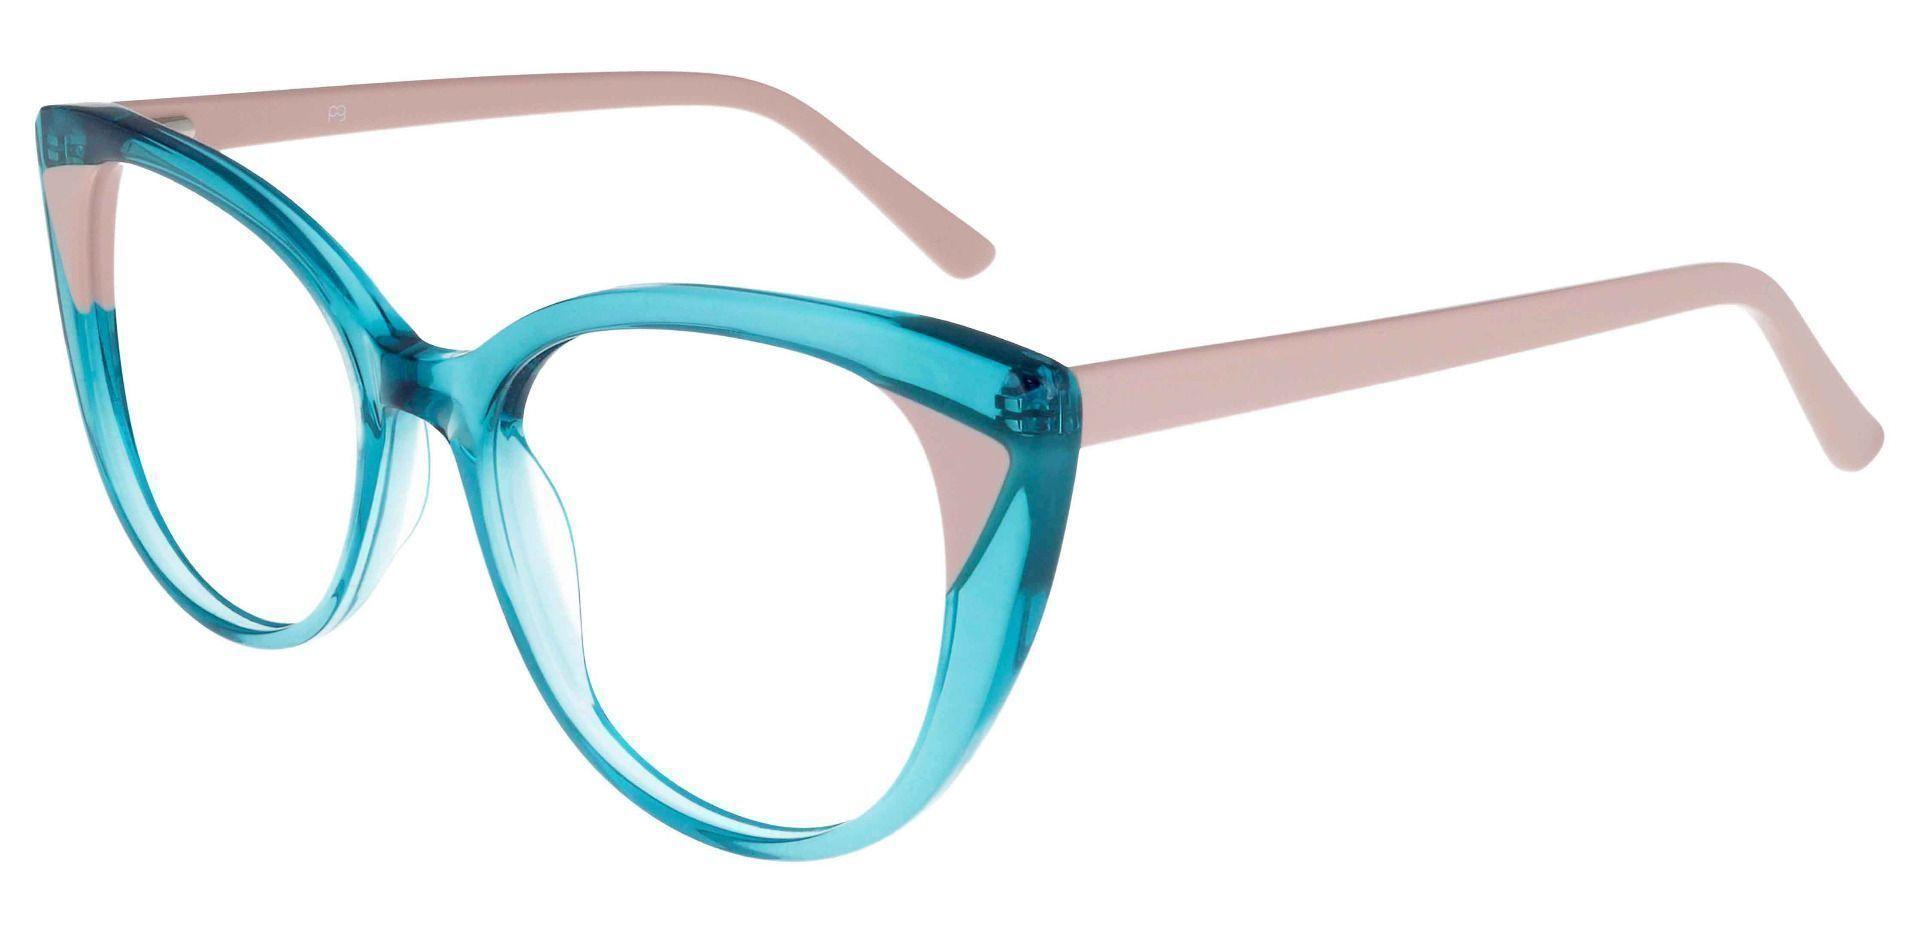 Juniper Oversized Cat Eye Prescription Glasses - Blue